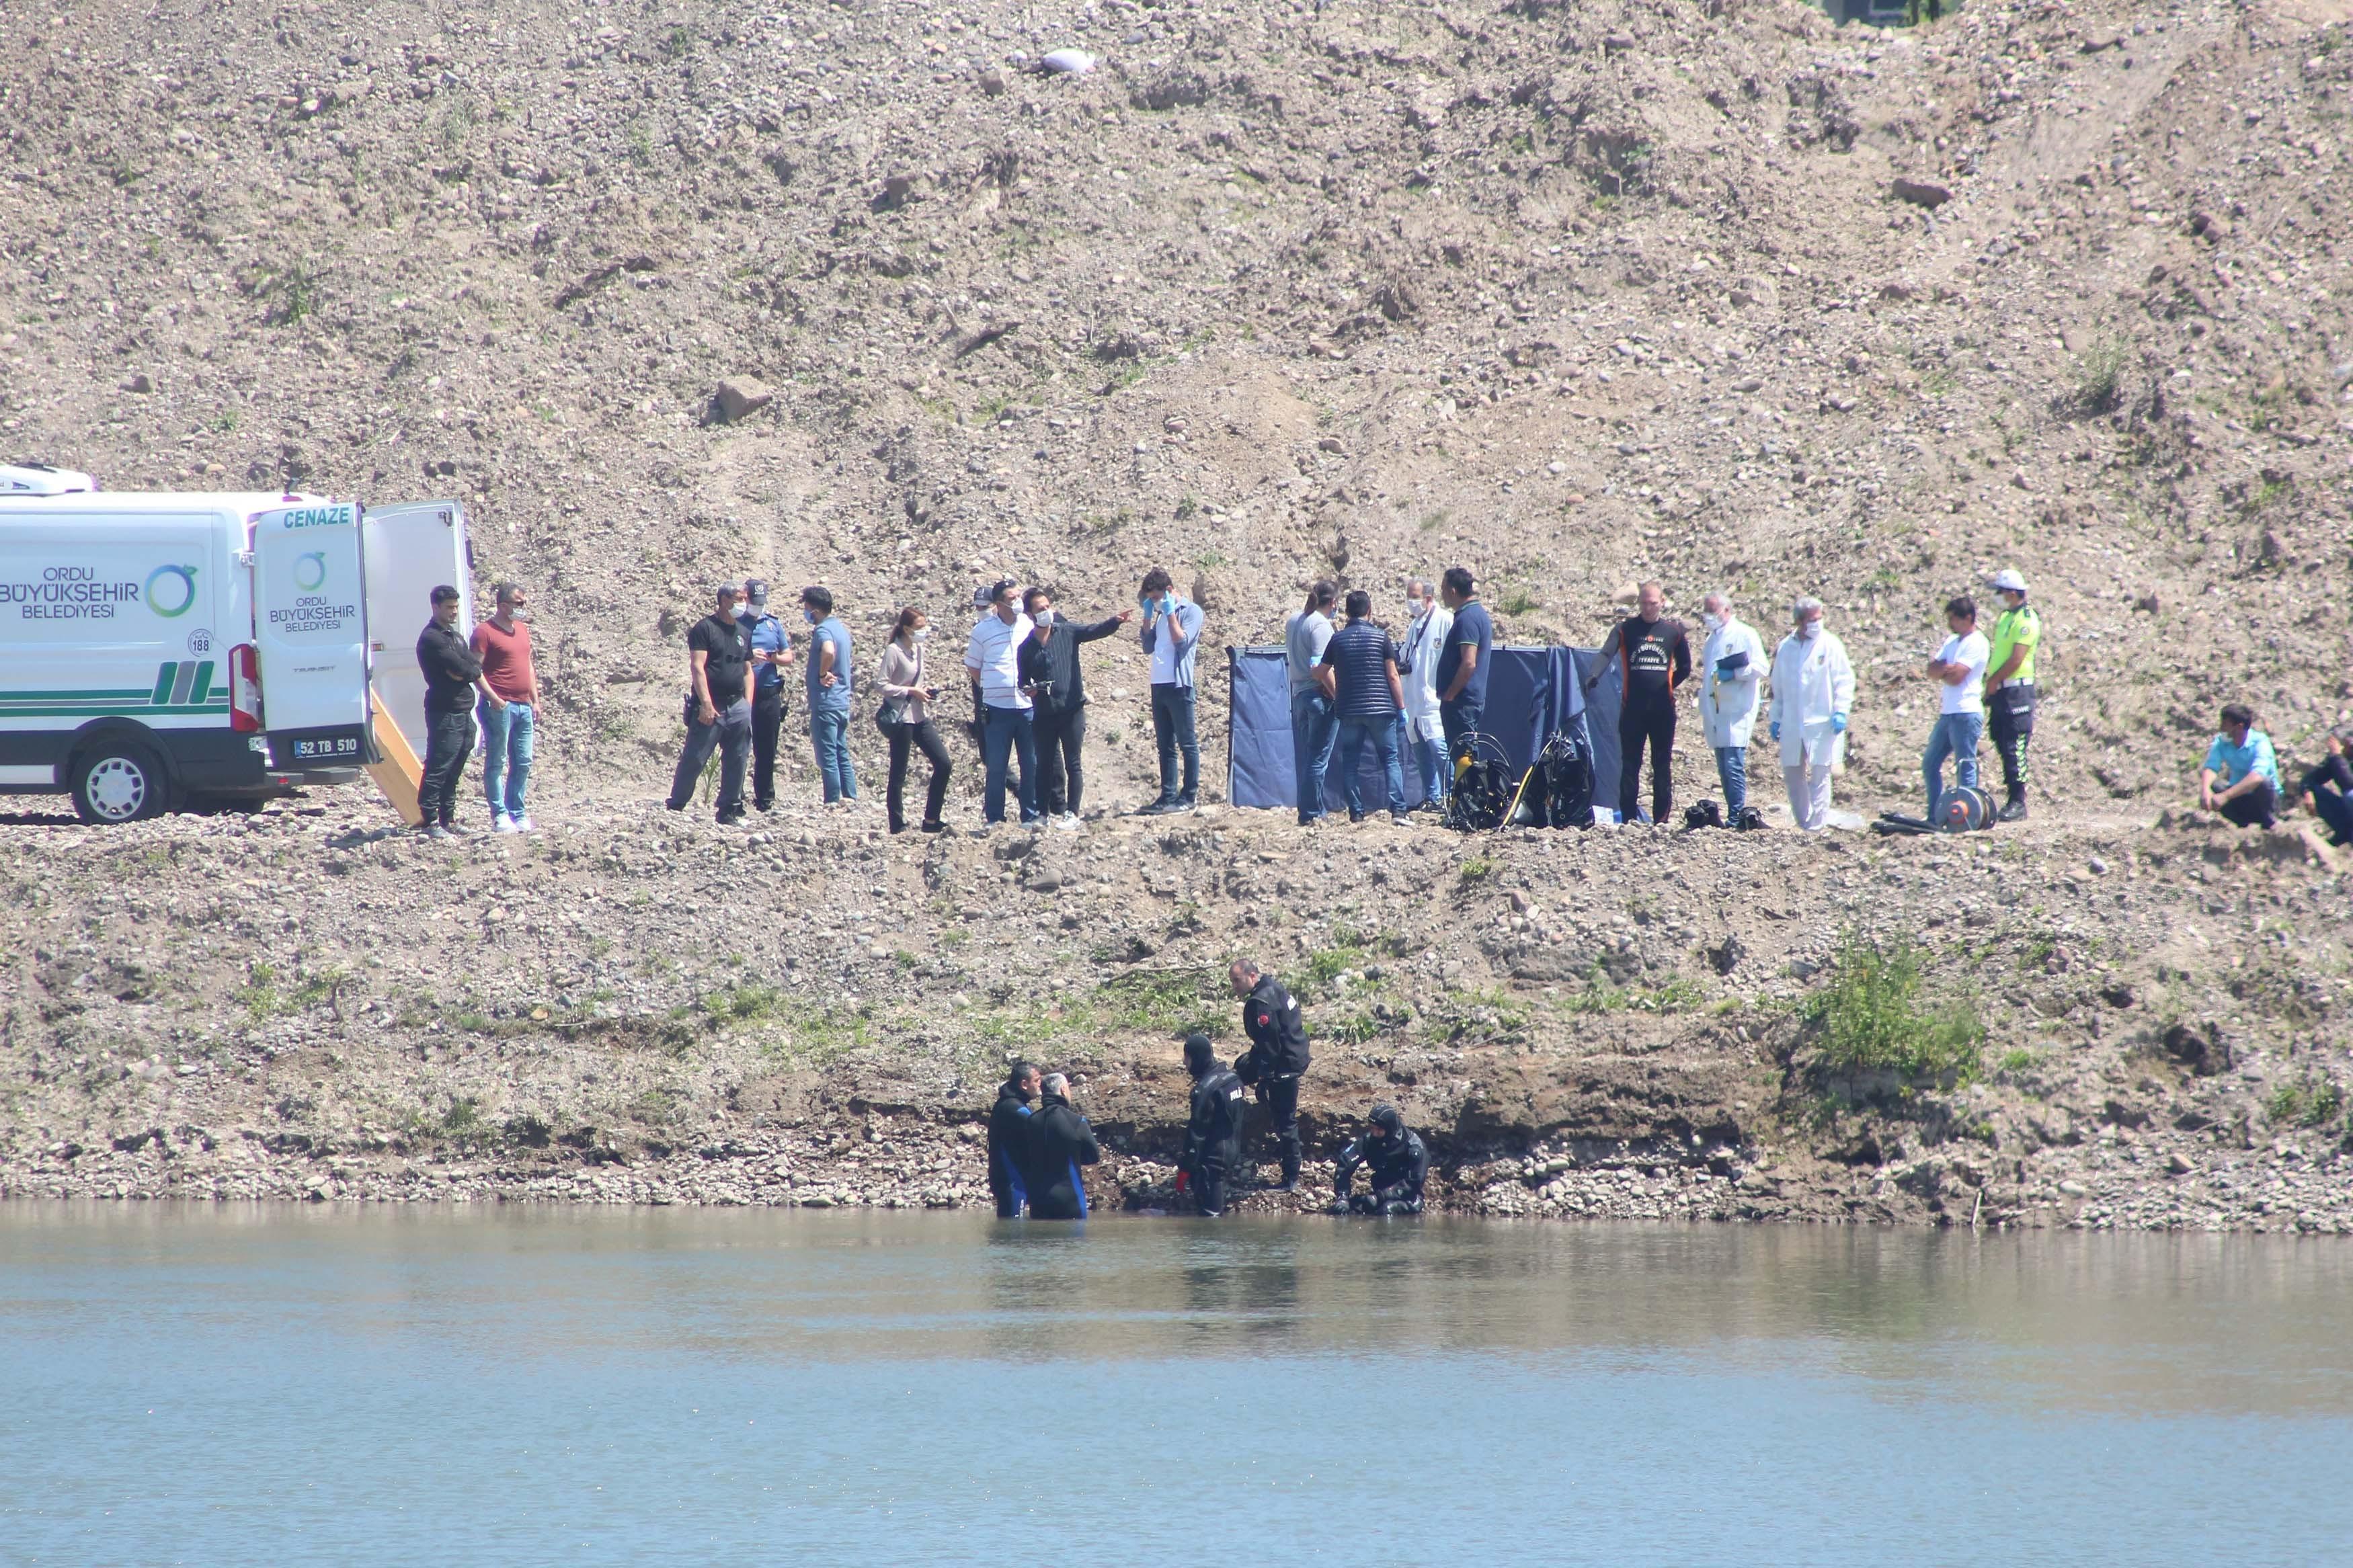 Melet Irmağı'nda arama yapan ekipler